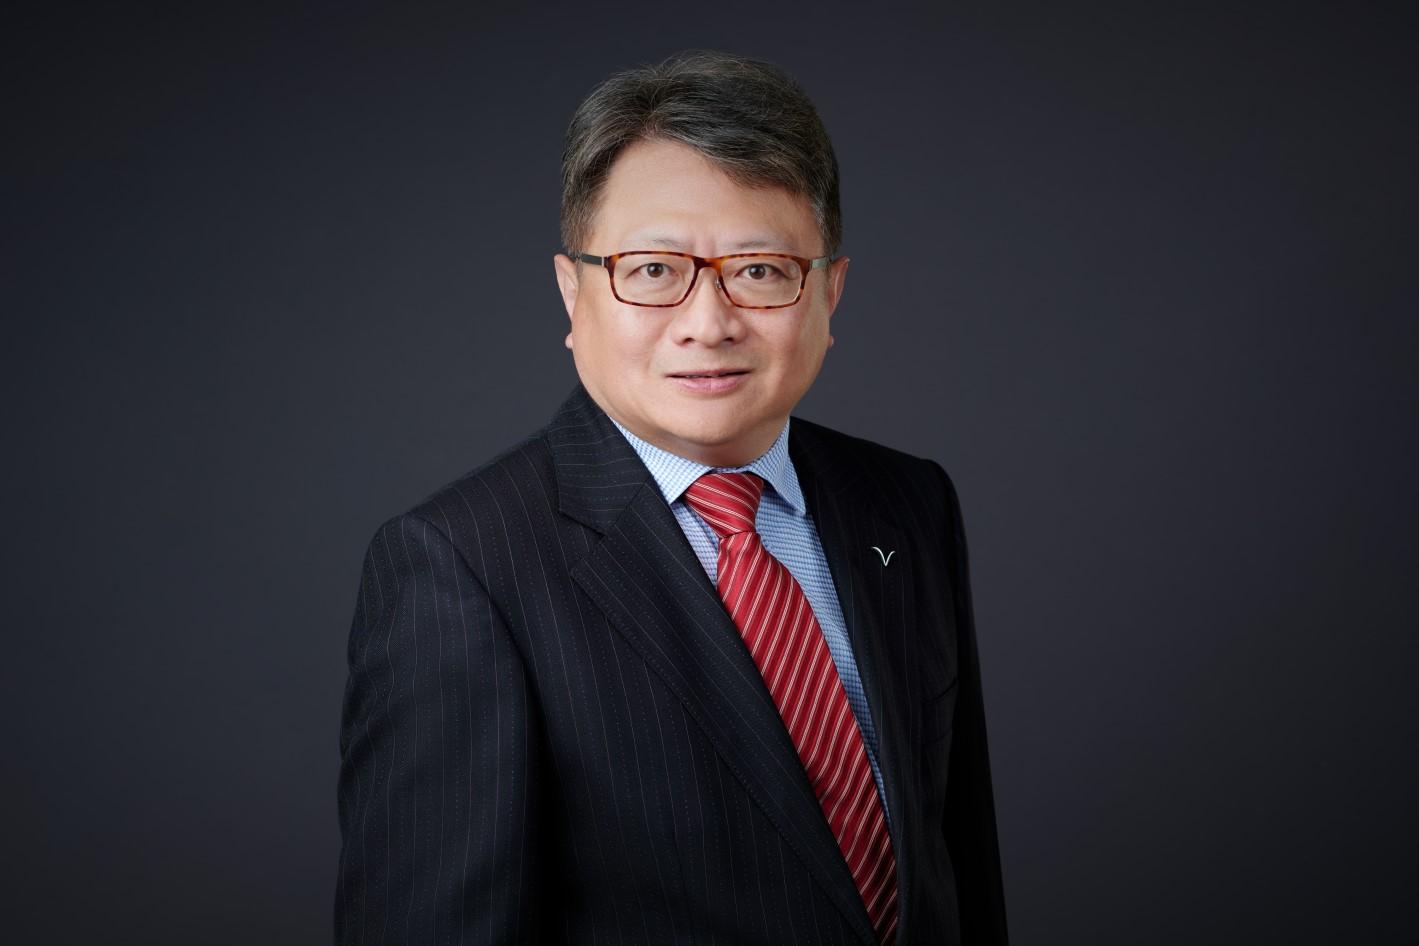 Dr. HSUE, Victor profile image